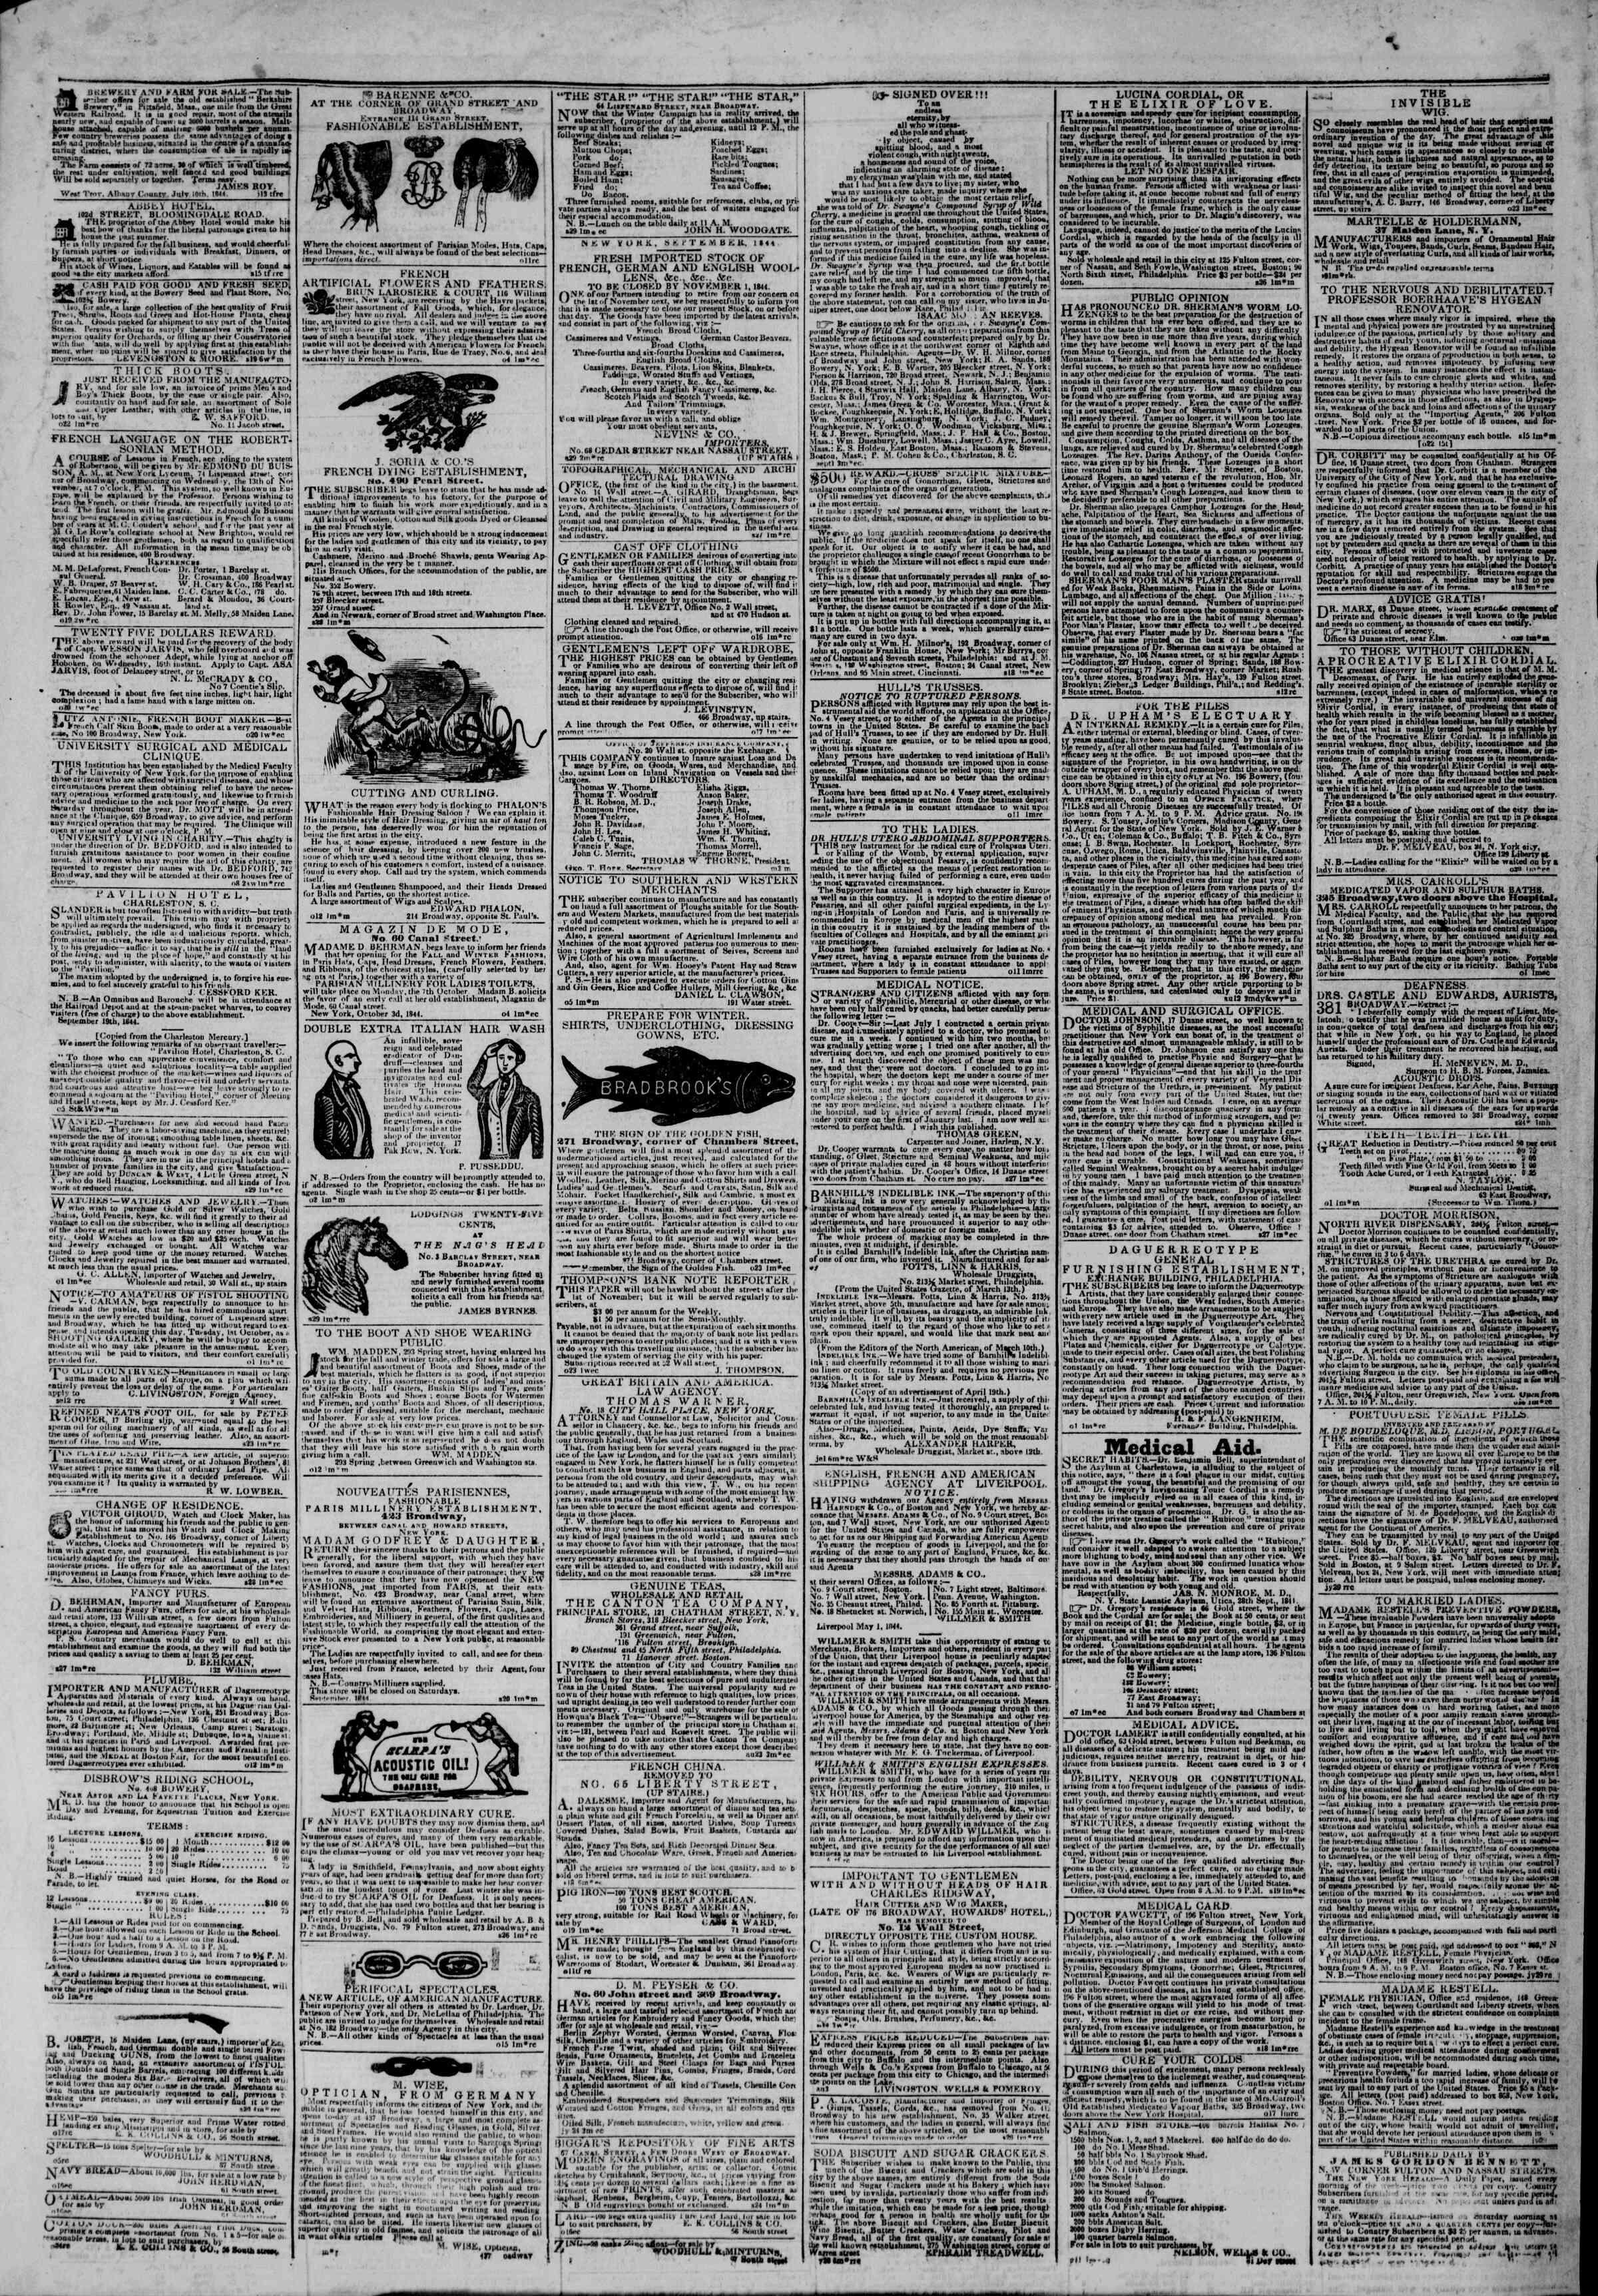 October 28, 1844 Tarihli The New York Herald Gazetesi Sayfa 4